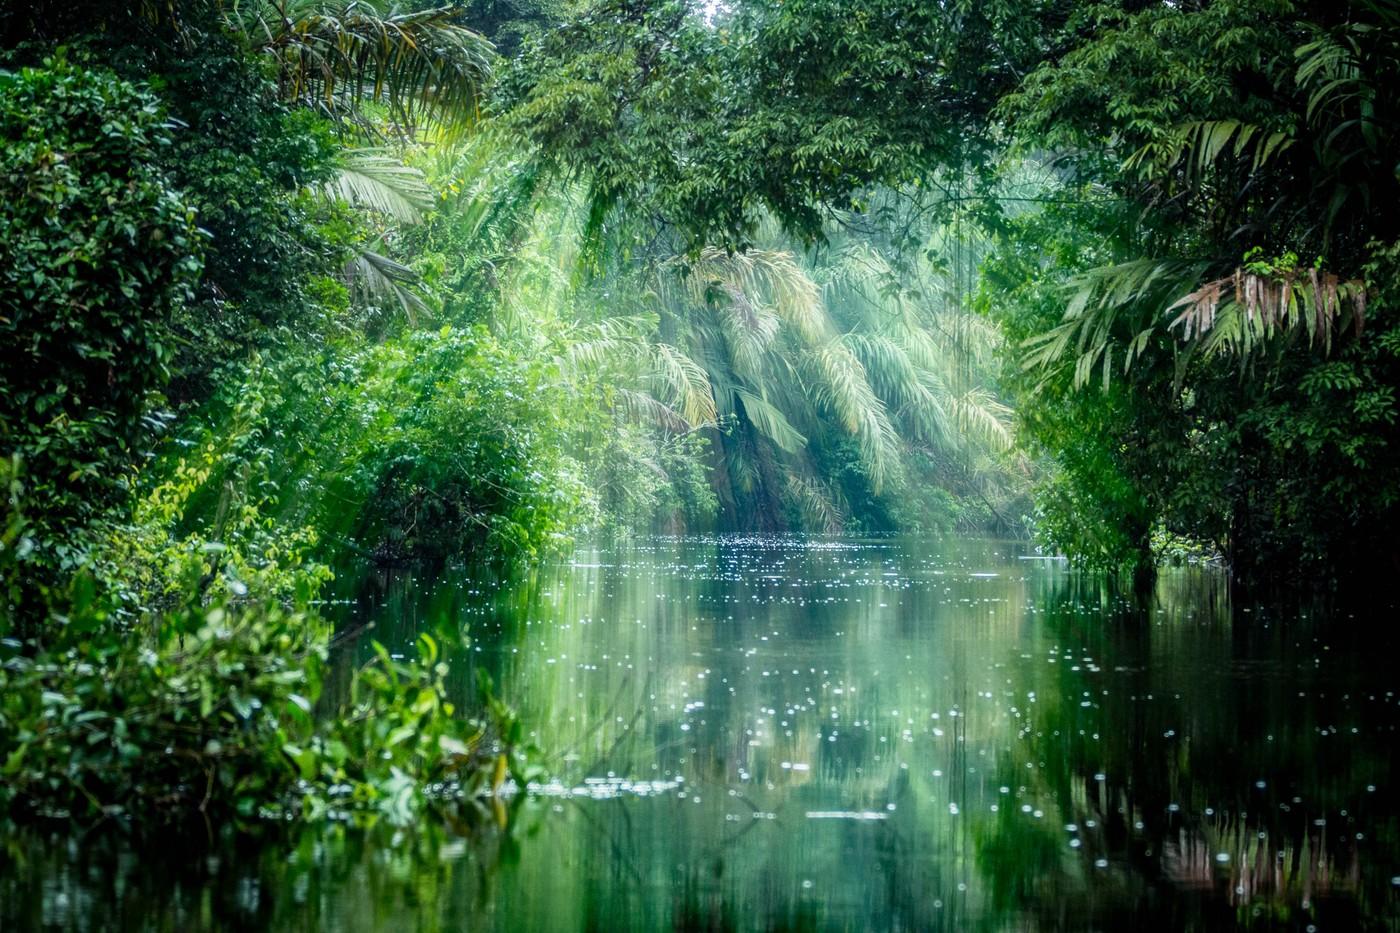 Echo也許先「聲」奪人,但亞馬遜價值共創的雨林生態系才是贏的關鍵